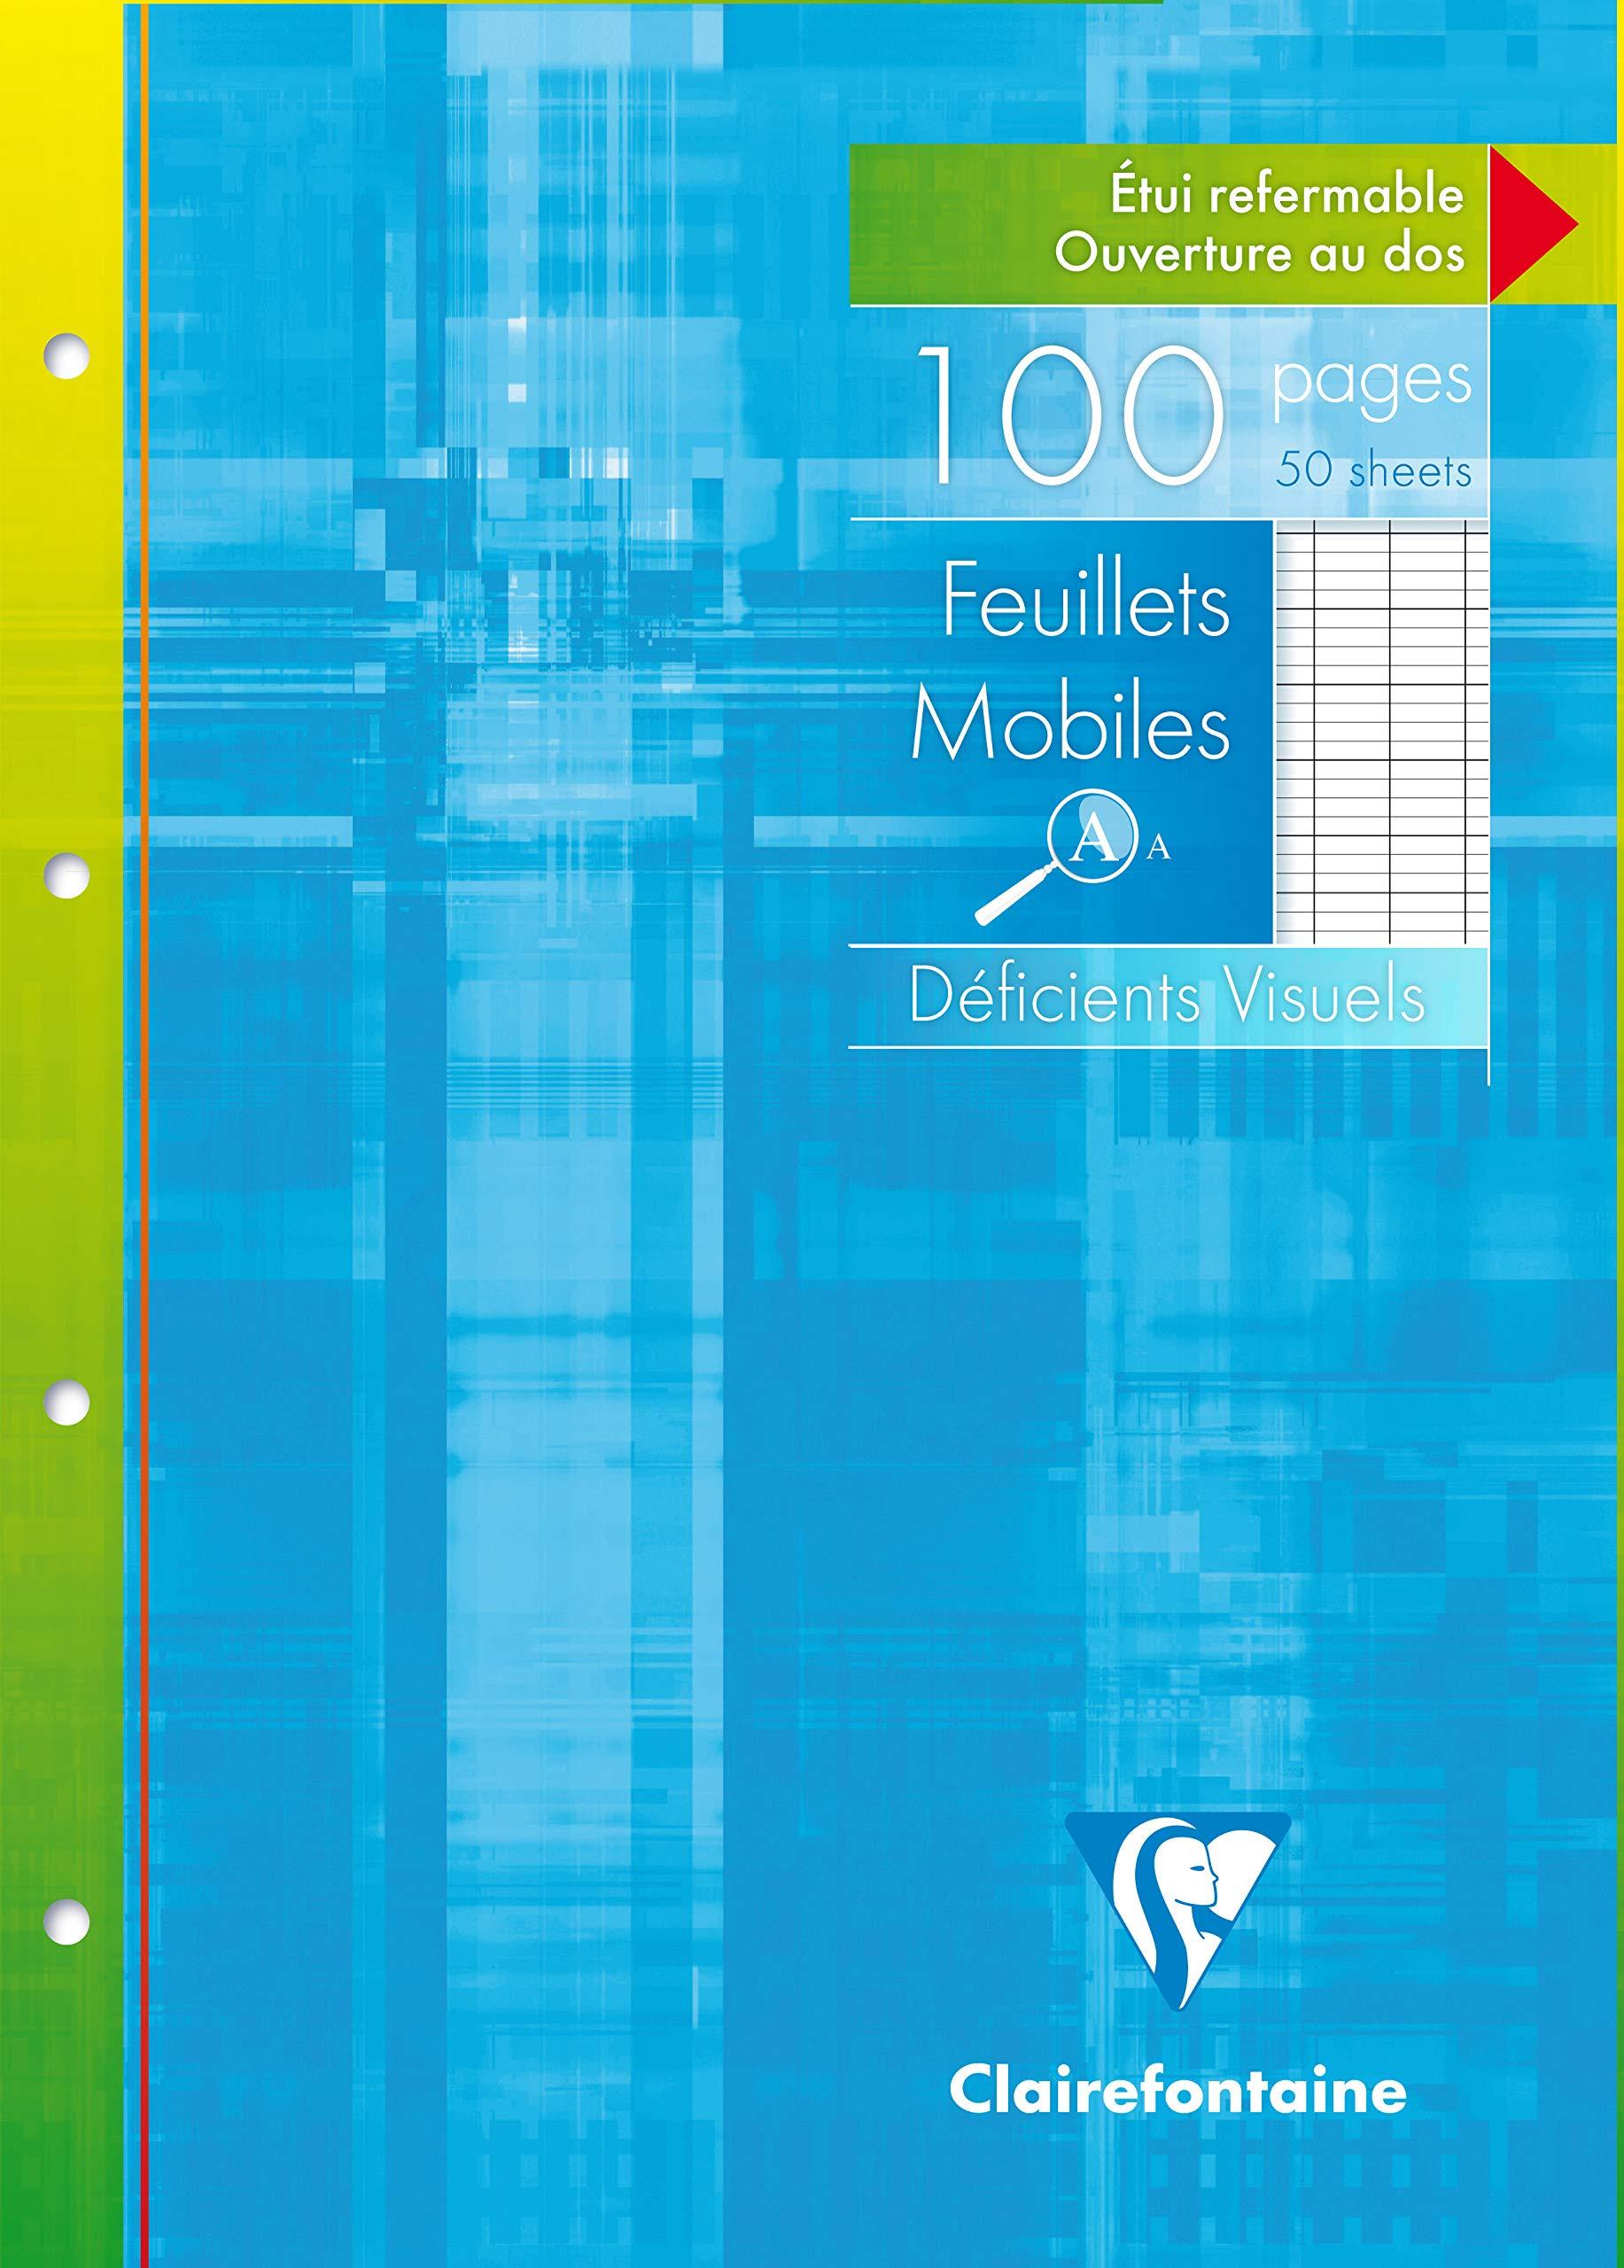 Clairefontaine 17499C - Pack de 50 Hojas Simples A4 para Discapacitados Visuales rayado francés (Séyès 2,5 - Ampliado 10x10) de 100 páginas: Amazon.es: Oficina y papelería